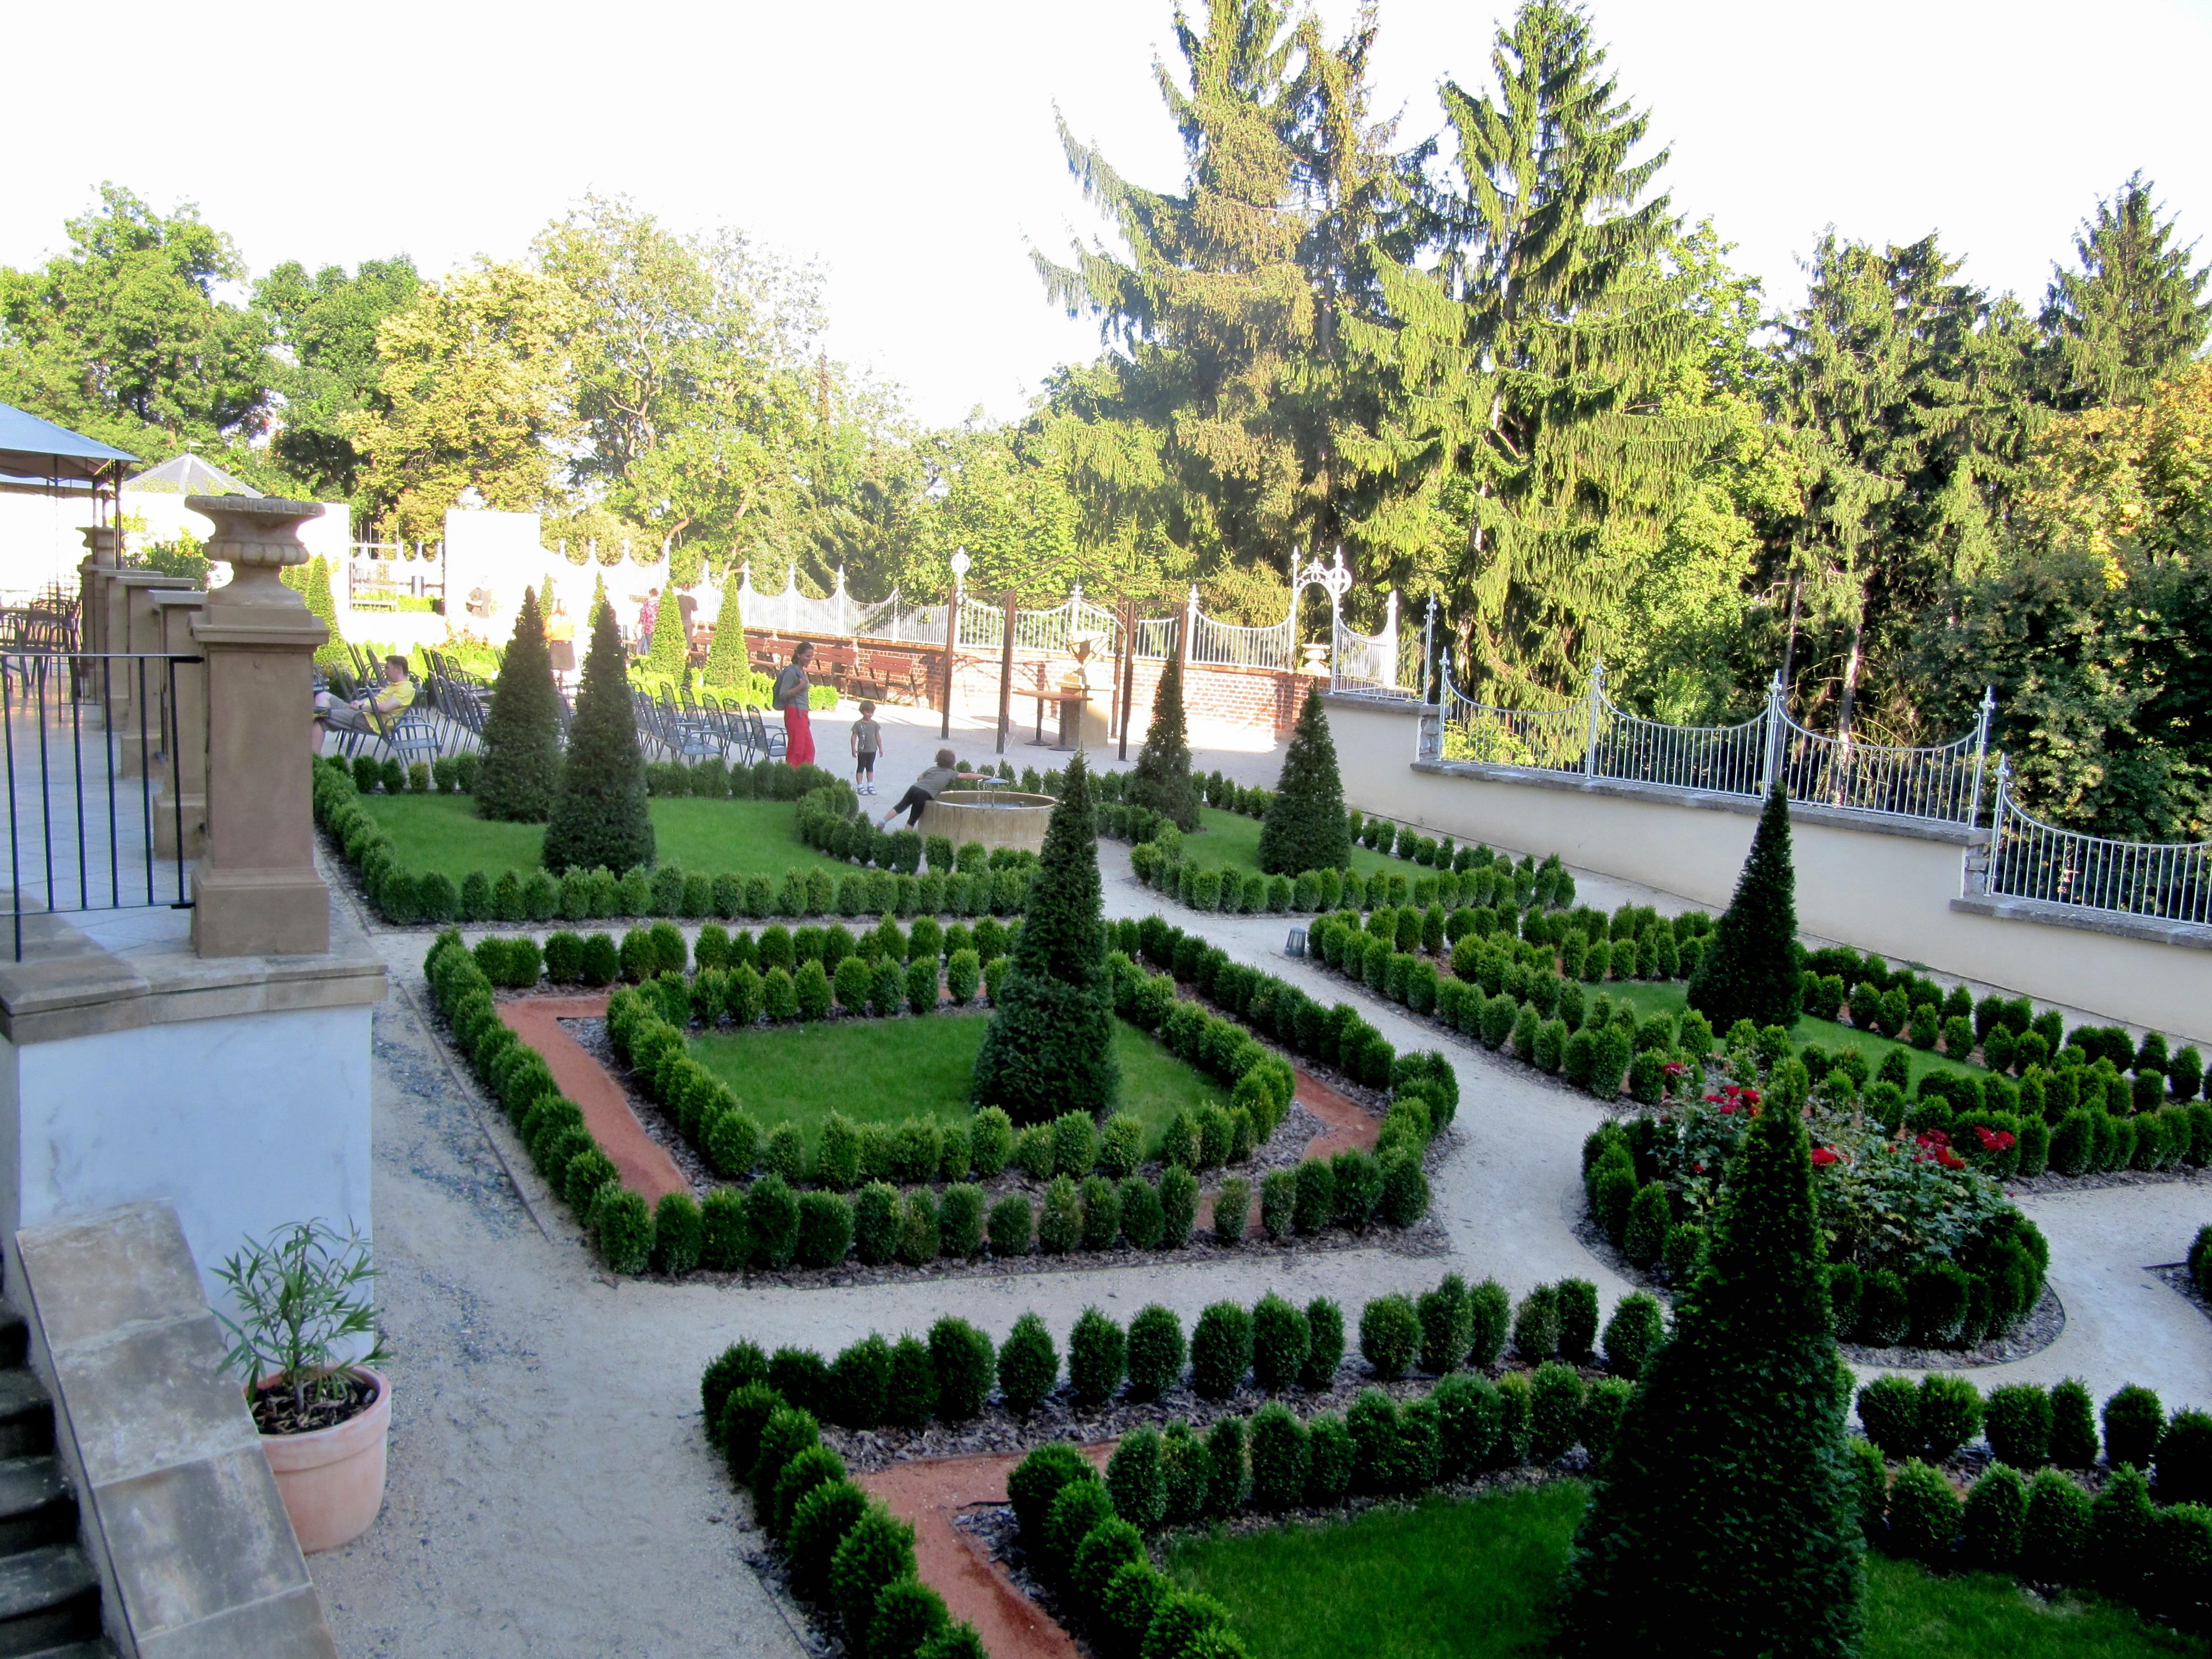 File:Olomouc, Parkánové zahrady (1).jpg